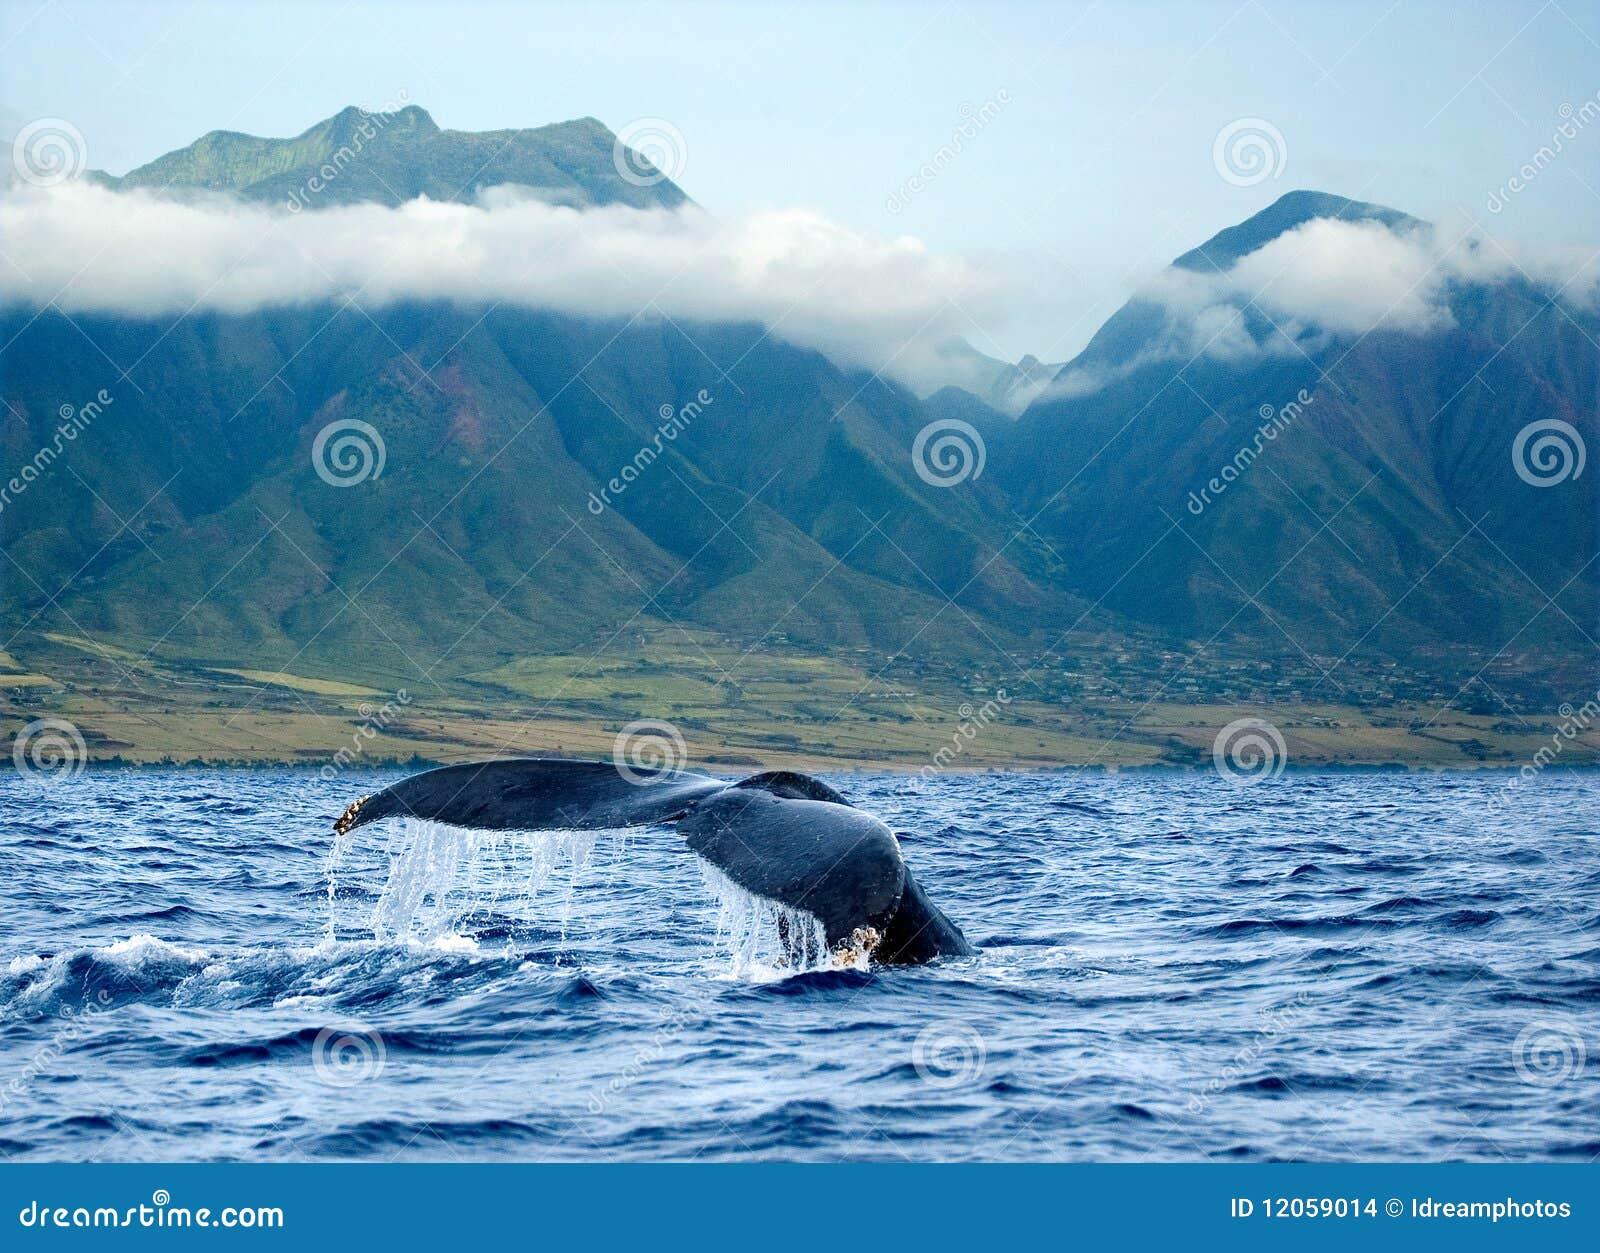 夏威夷毛伊尾标鲸鱼